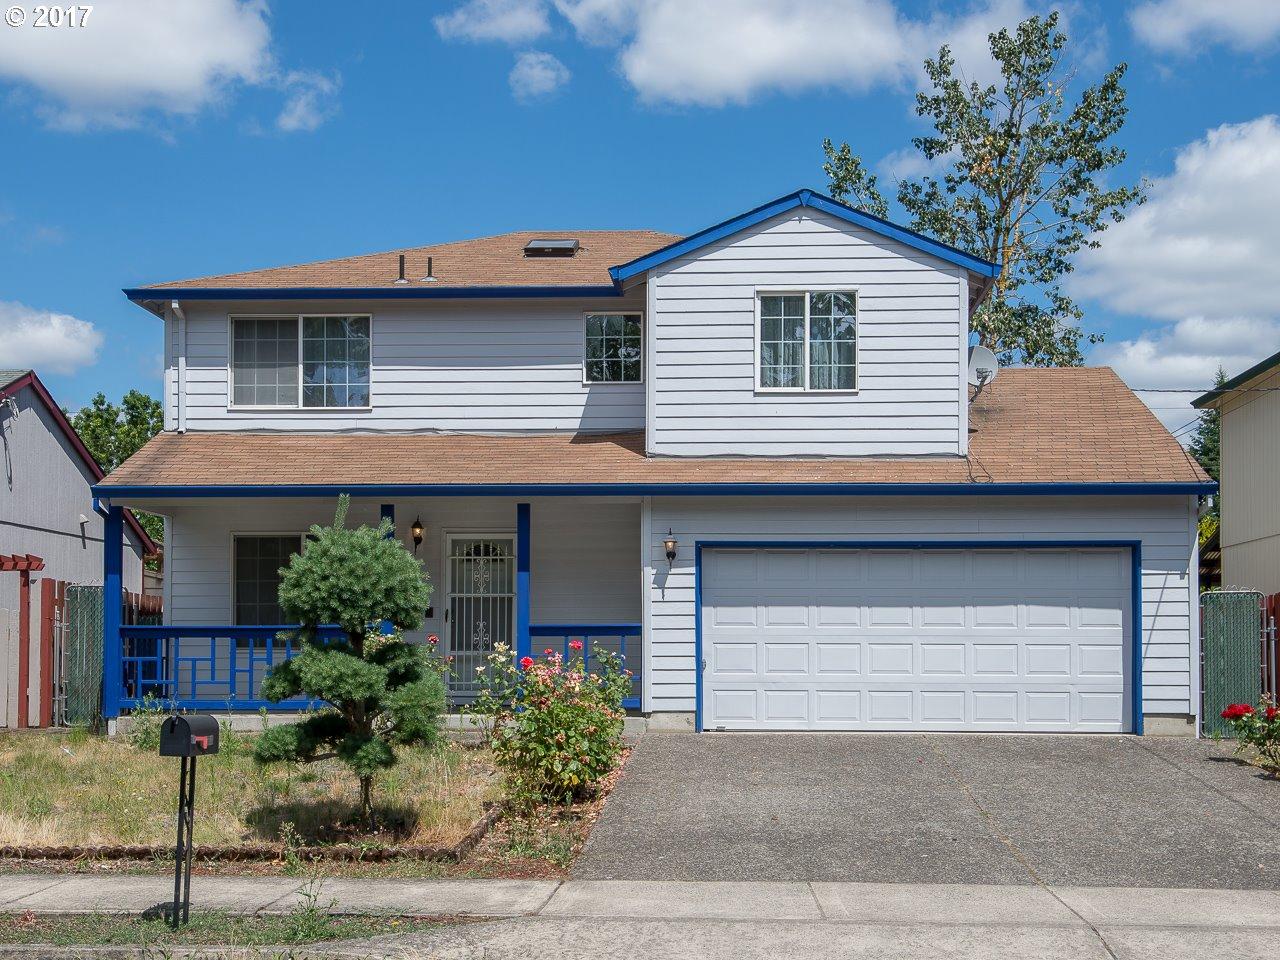 11551 SE WASHINGTON ST, Portland, OR 97216